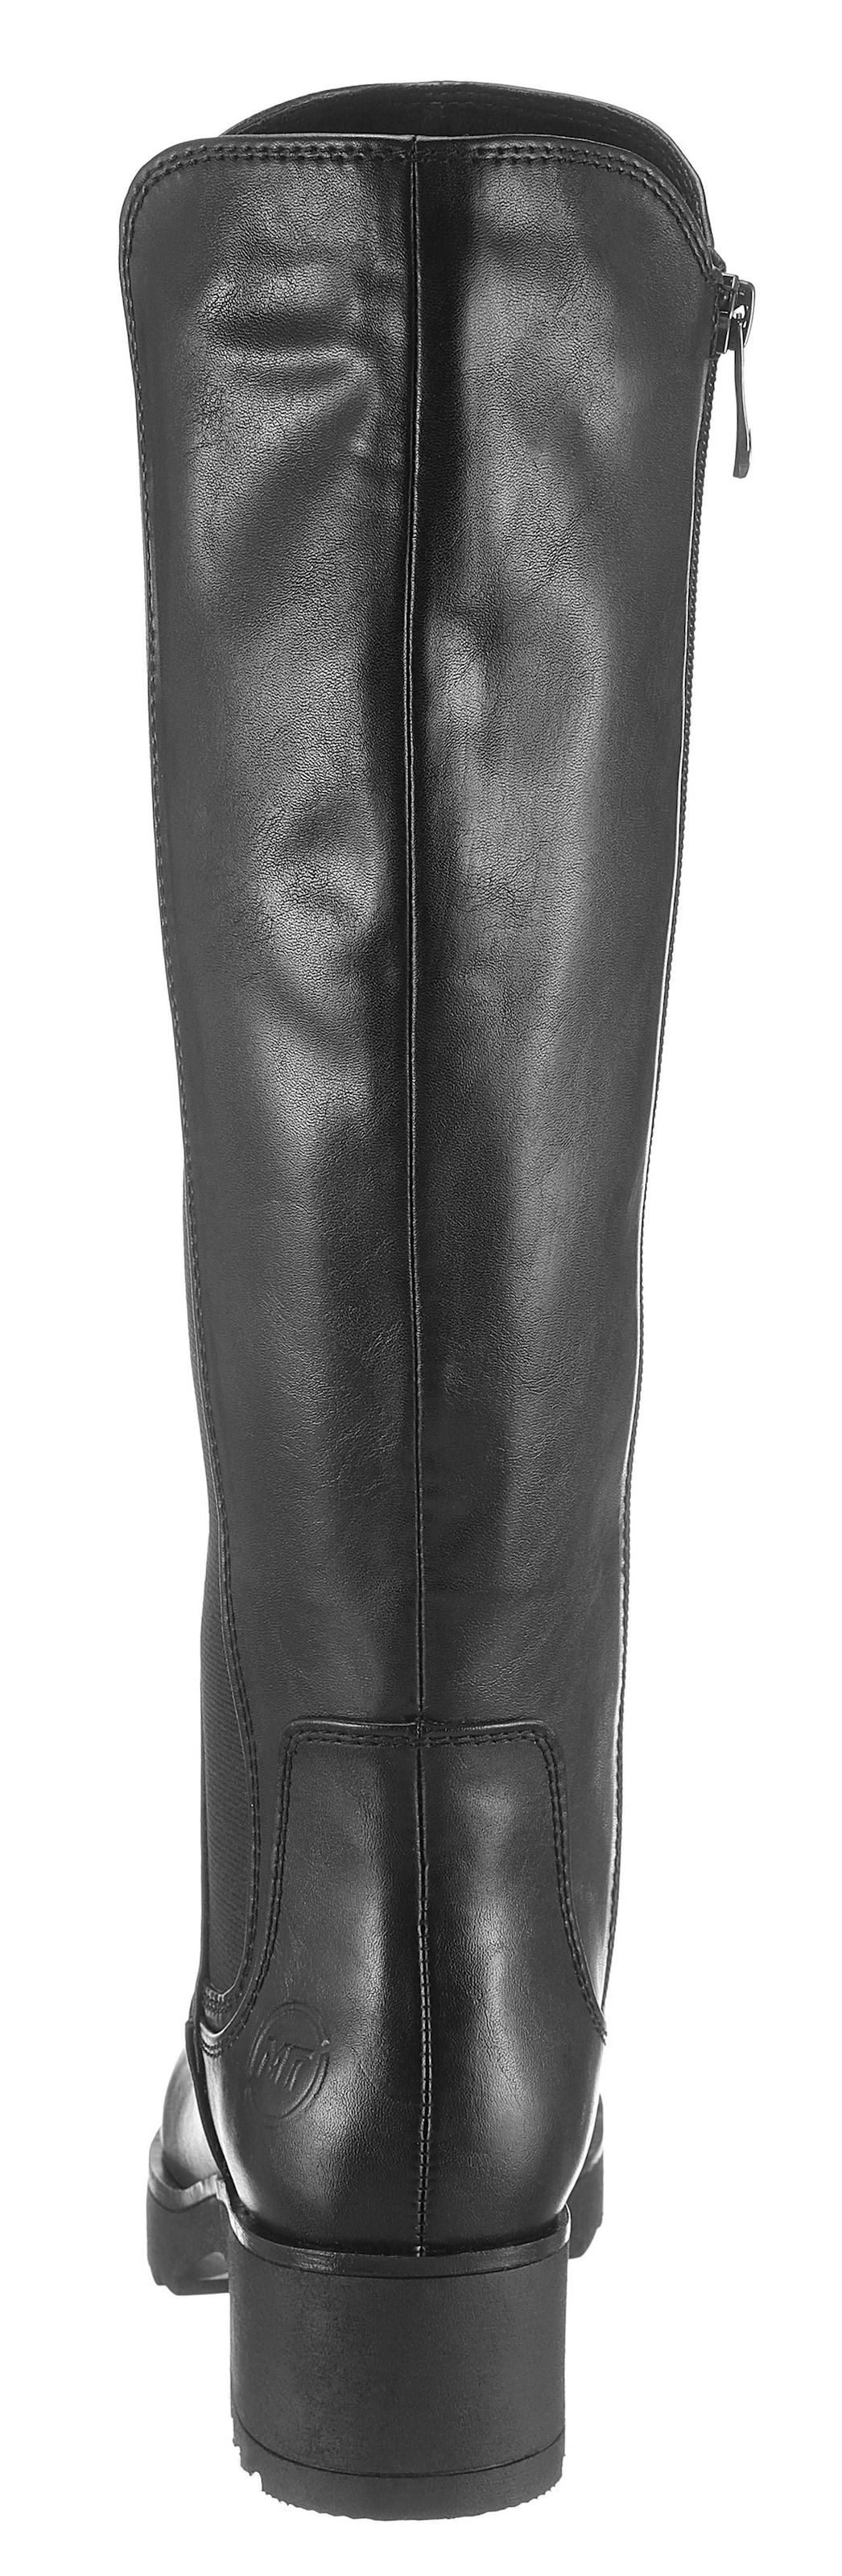 Marco Tozzi Stiefel Stiefel Stiefel jetzt online kaufen | Gutes Preis-Leistungs-Verhältnis, es lohnt sich 505ba2